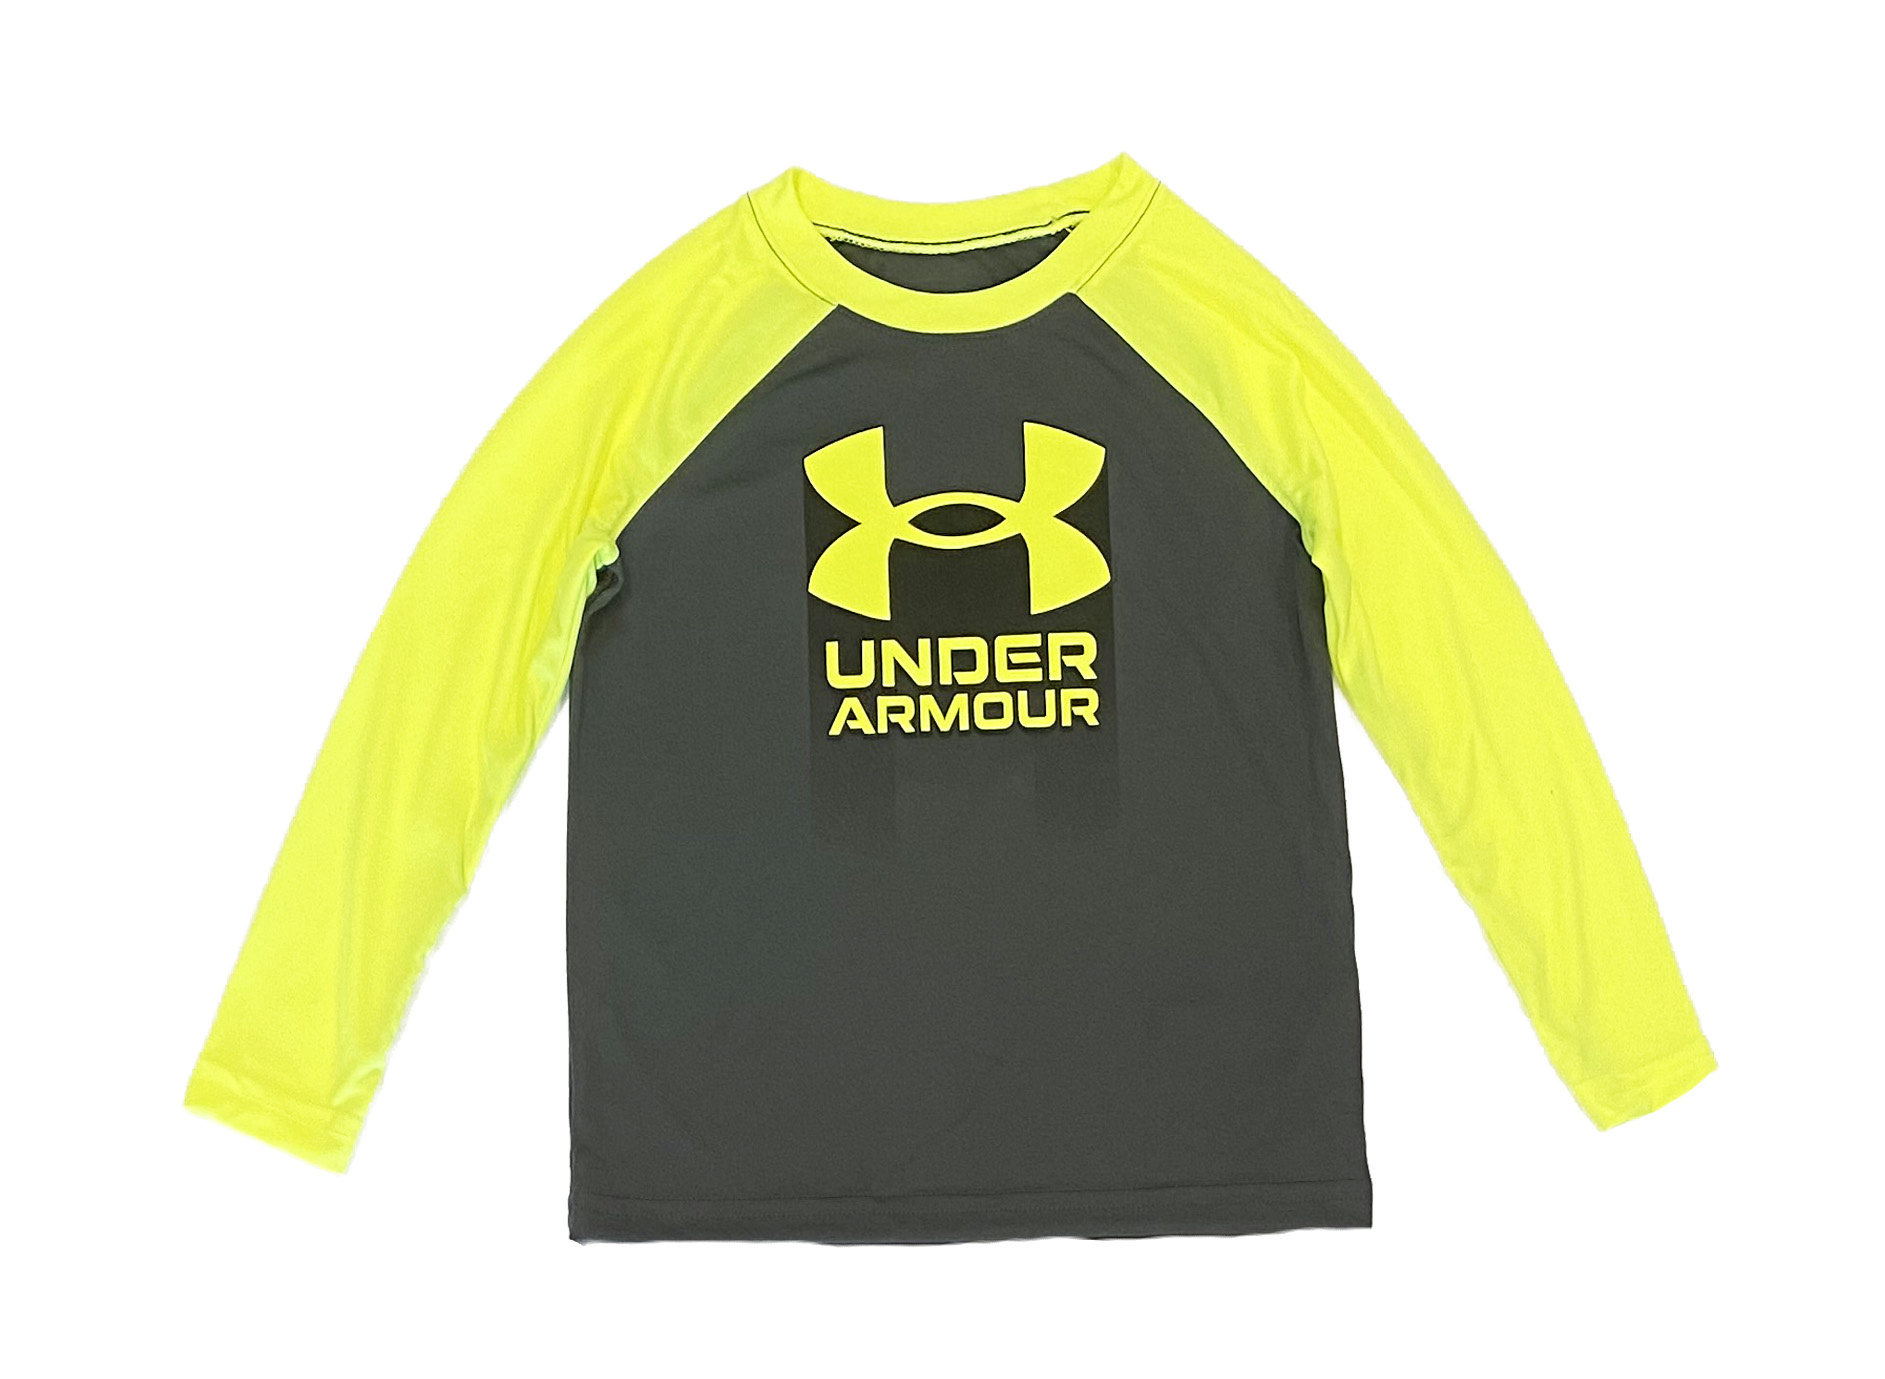 Under Armour Grey/Flo Logo Top